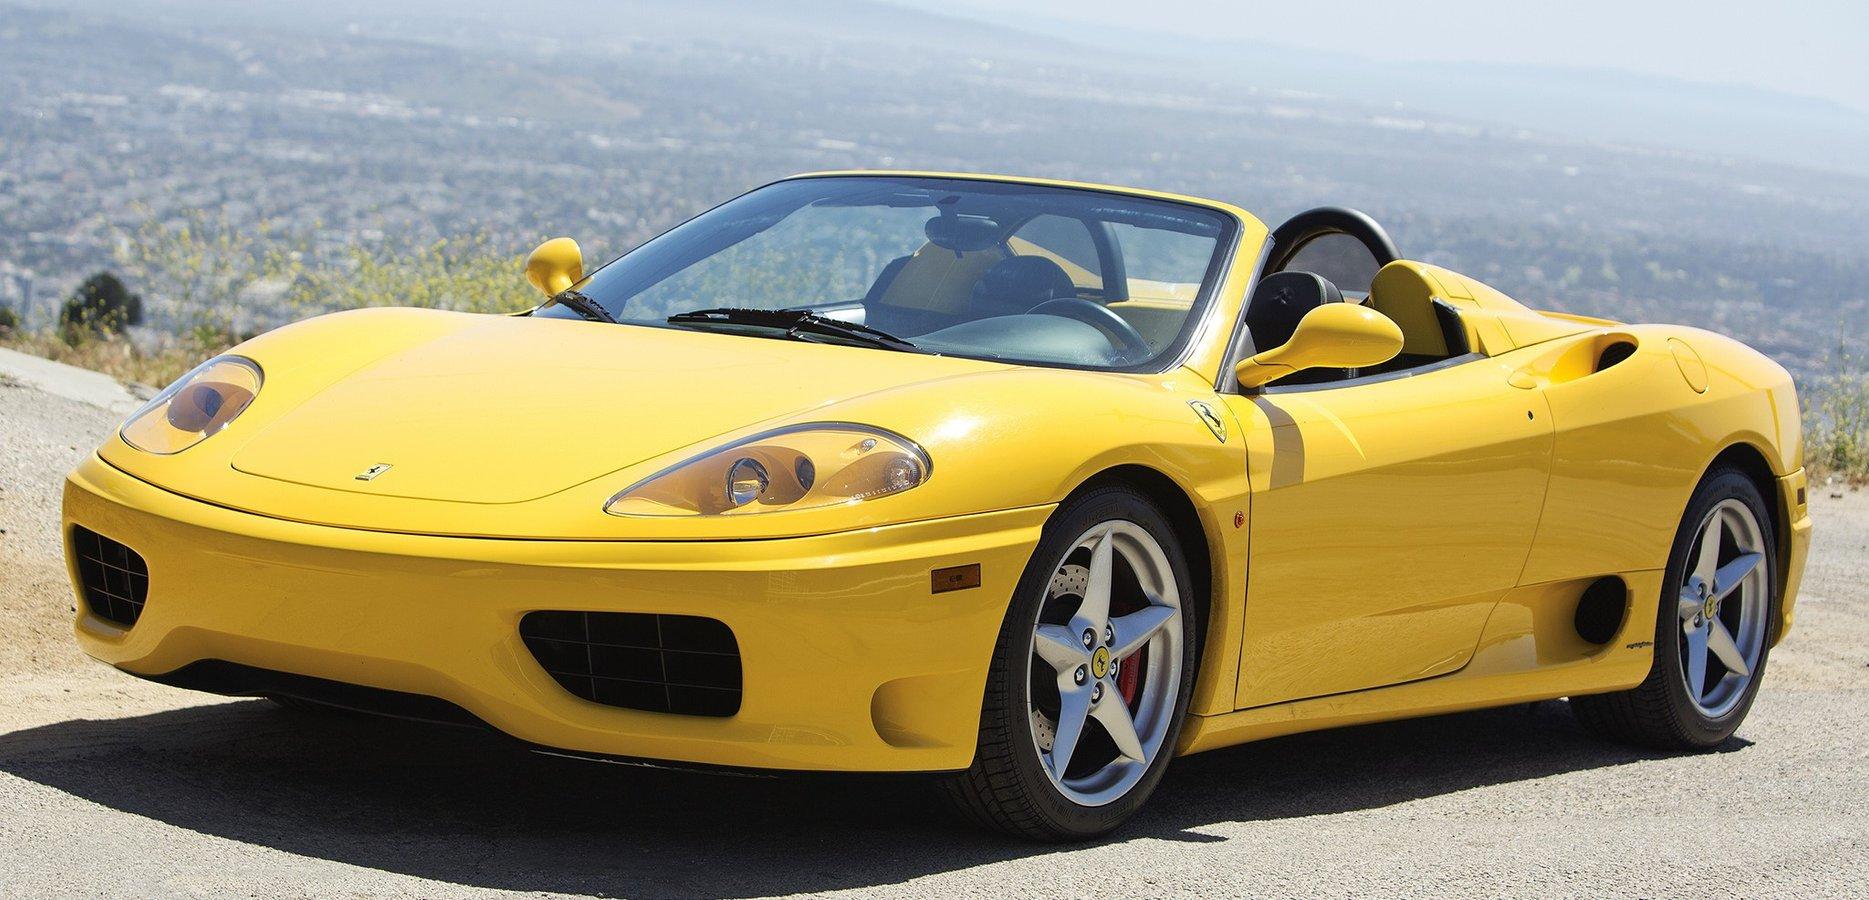 Названо 10 моделей авто, які стануть класикою у 2020-х і зростуть в ціні